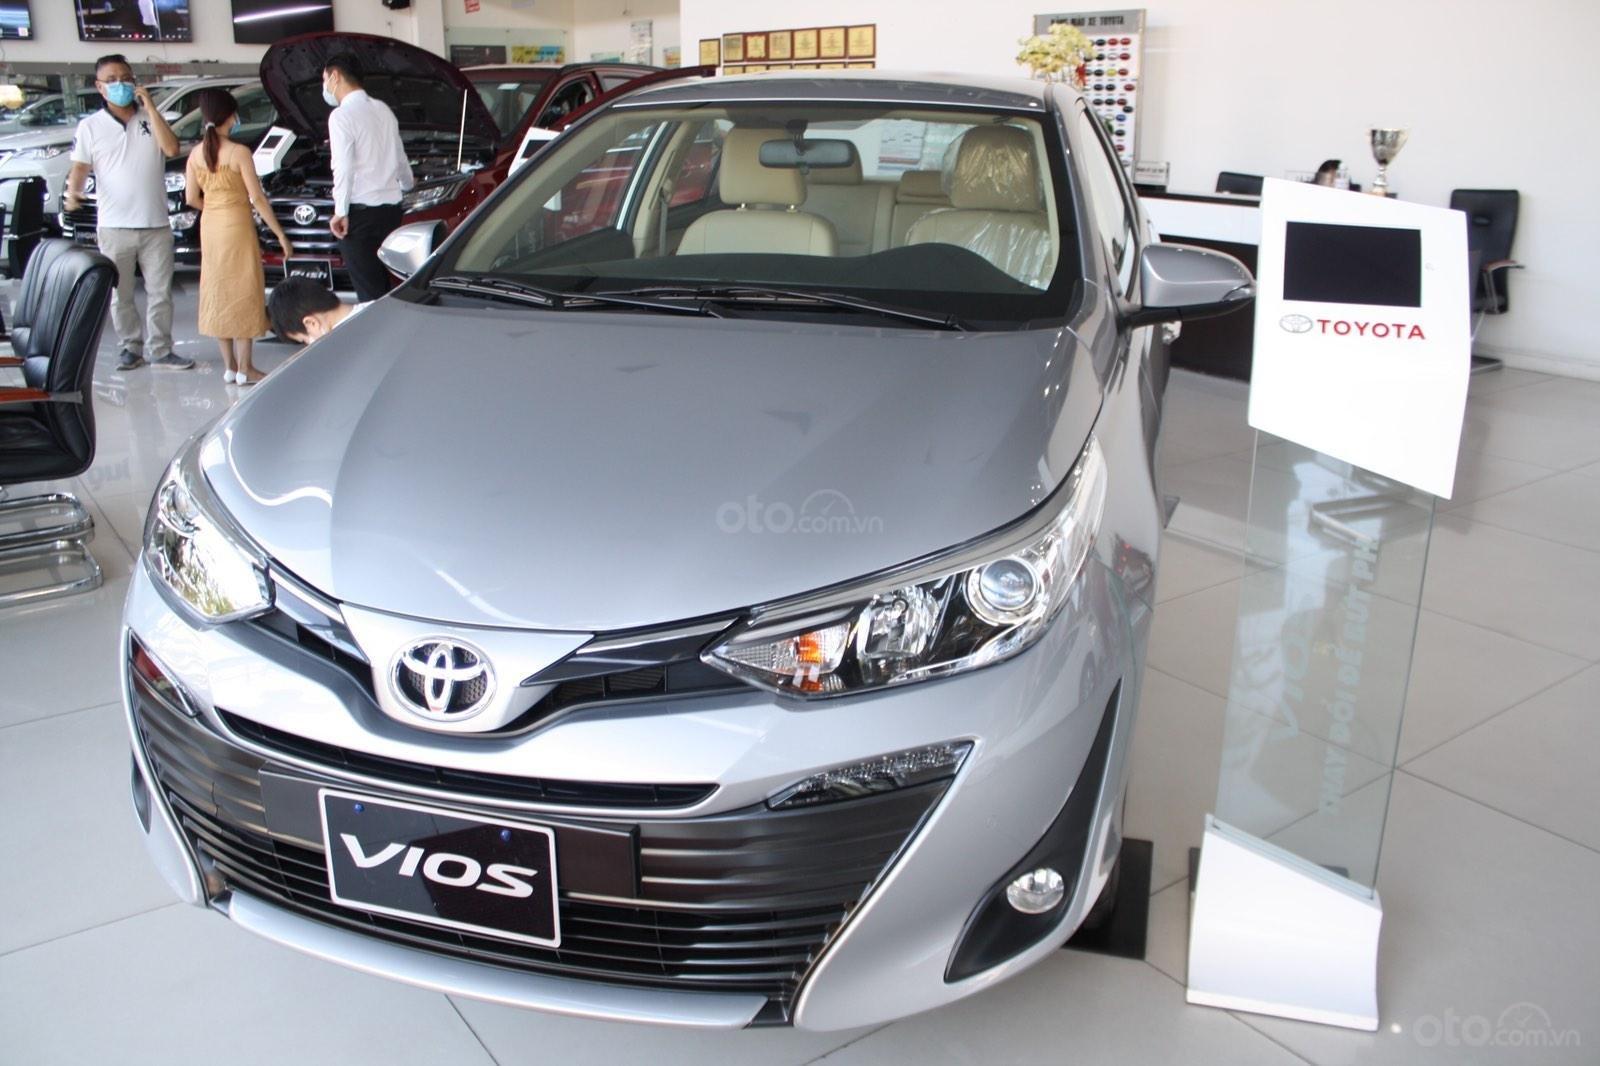 Toyota Vios G 2021, giá tốt - khuyến mãi lớn, hỗ trợ ngân hàng - lãi suất thấp (1)